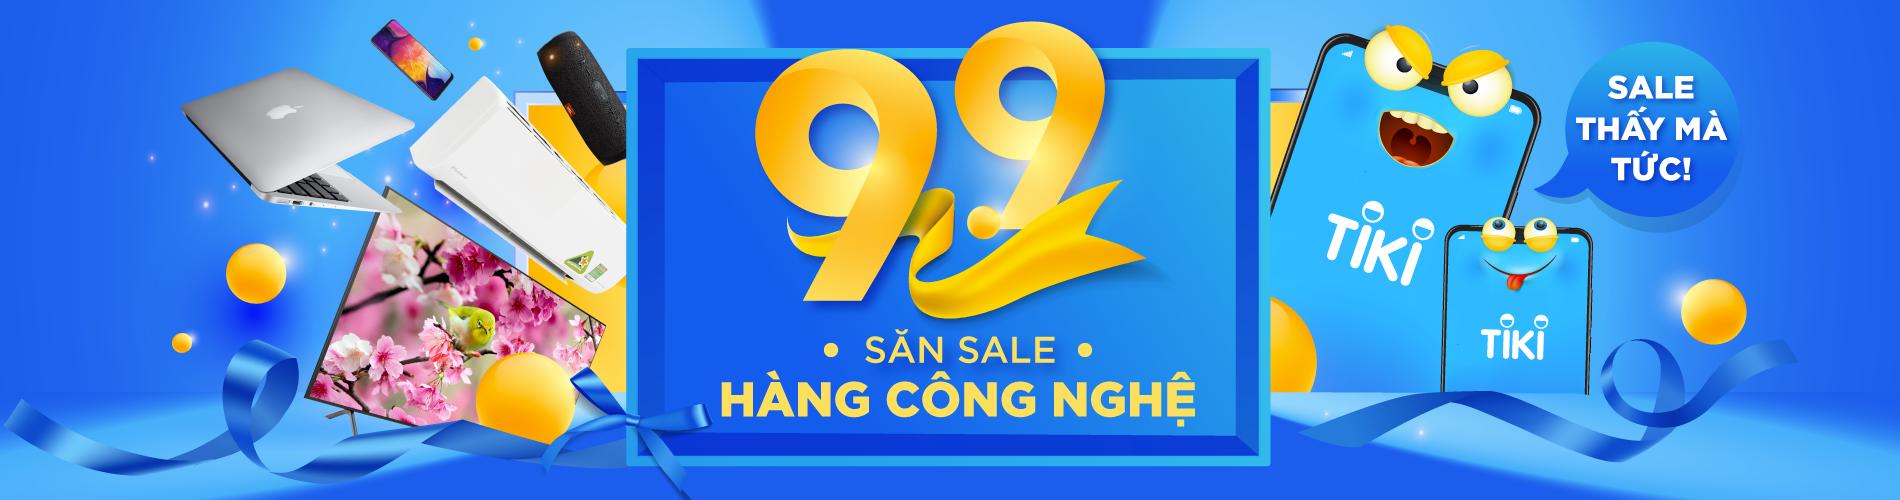 Tất tần tật về mã giảm giá Tiki tại Lanh Chanh